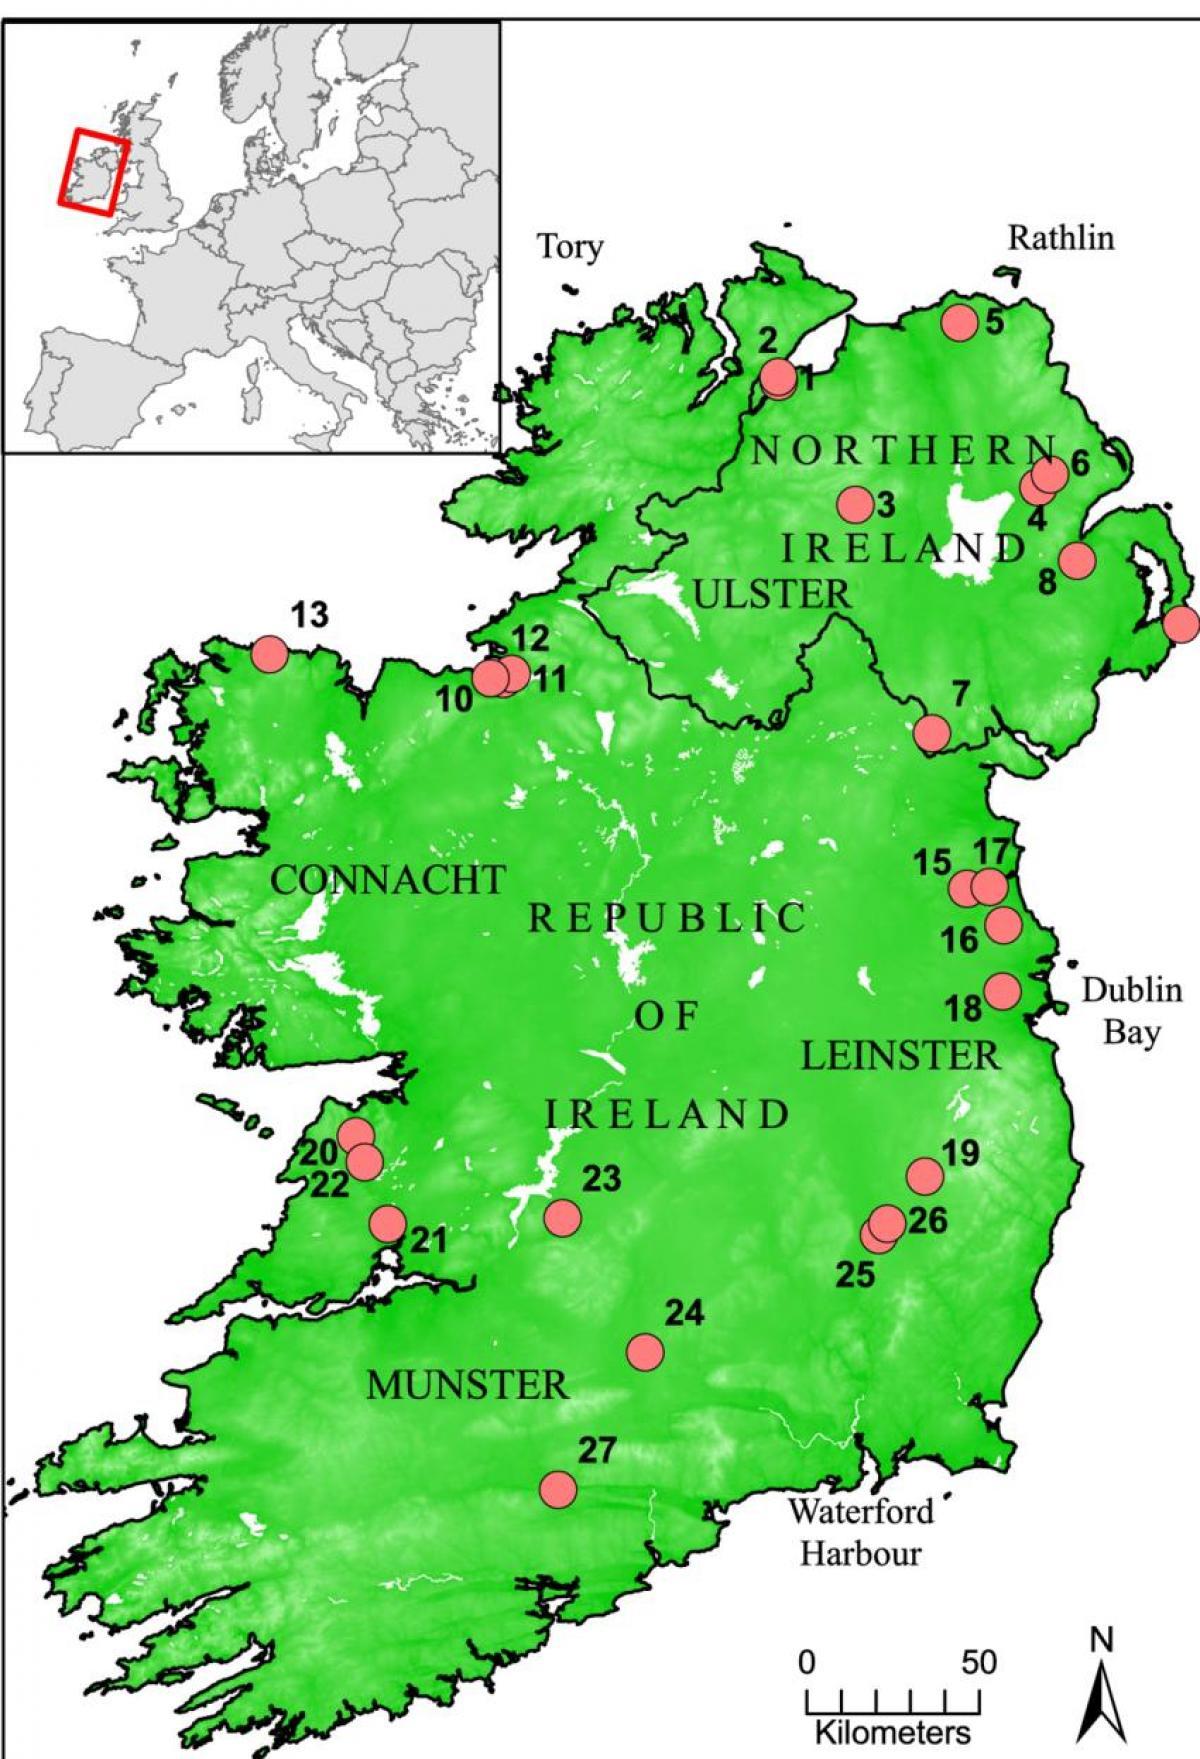 Irland Karte.Rivers Of Ireland Map Karte Von Irland Die Flusse